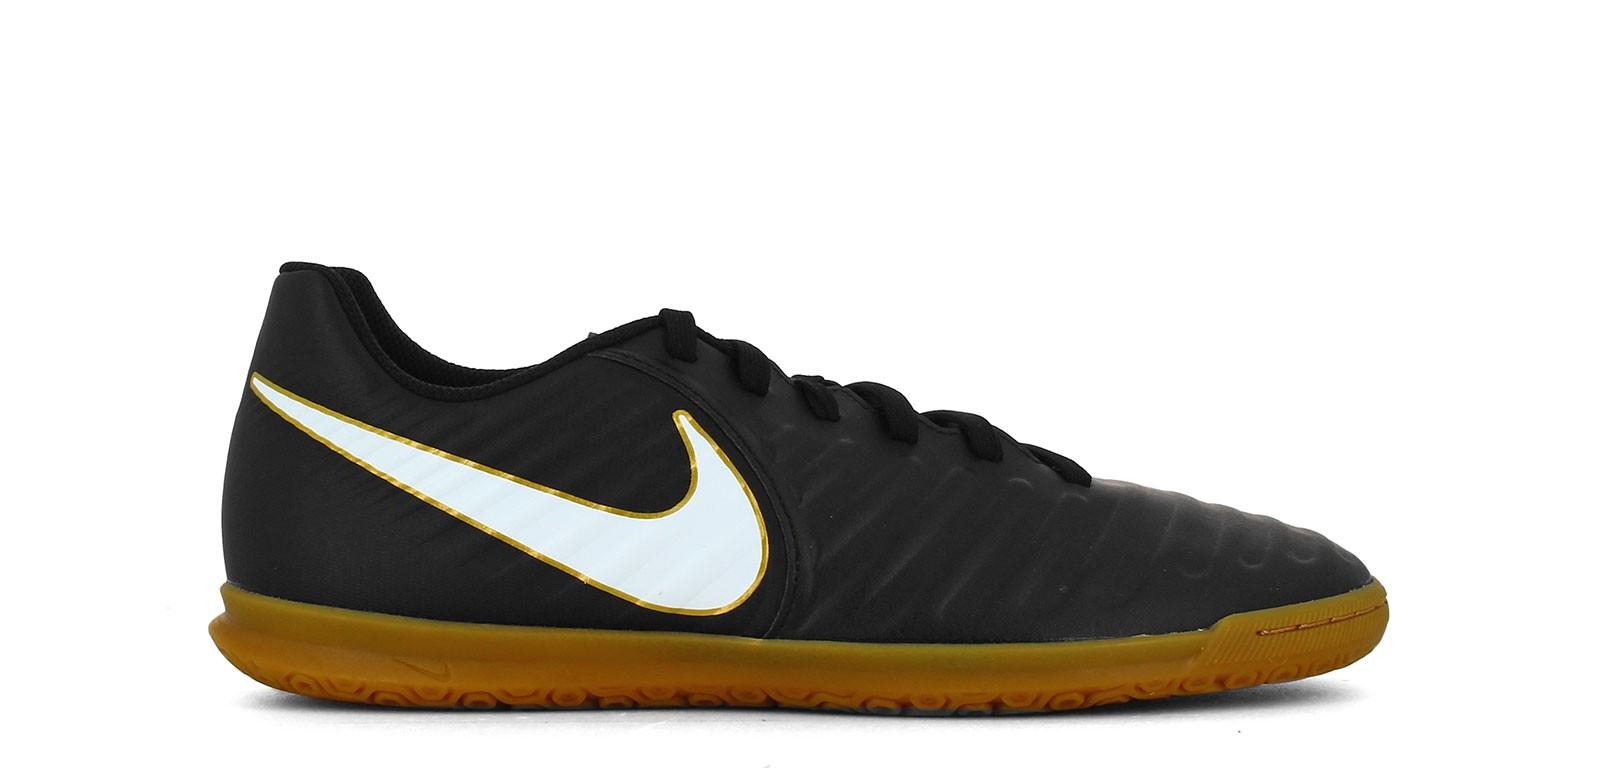 buty sportowe Całkiem nowy nowa wysoka jakość Buty Nike Tiempox Rio r. 42,5 !! - 7457838367 - oficjalne ...